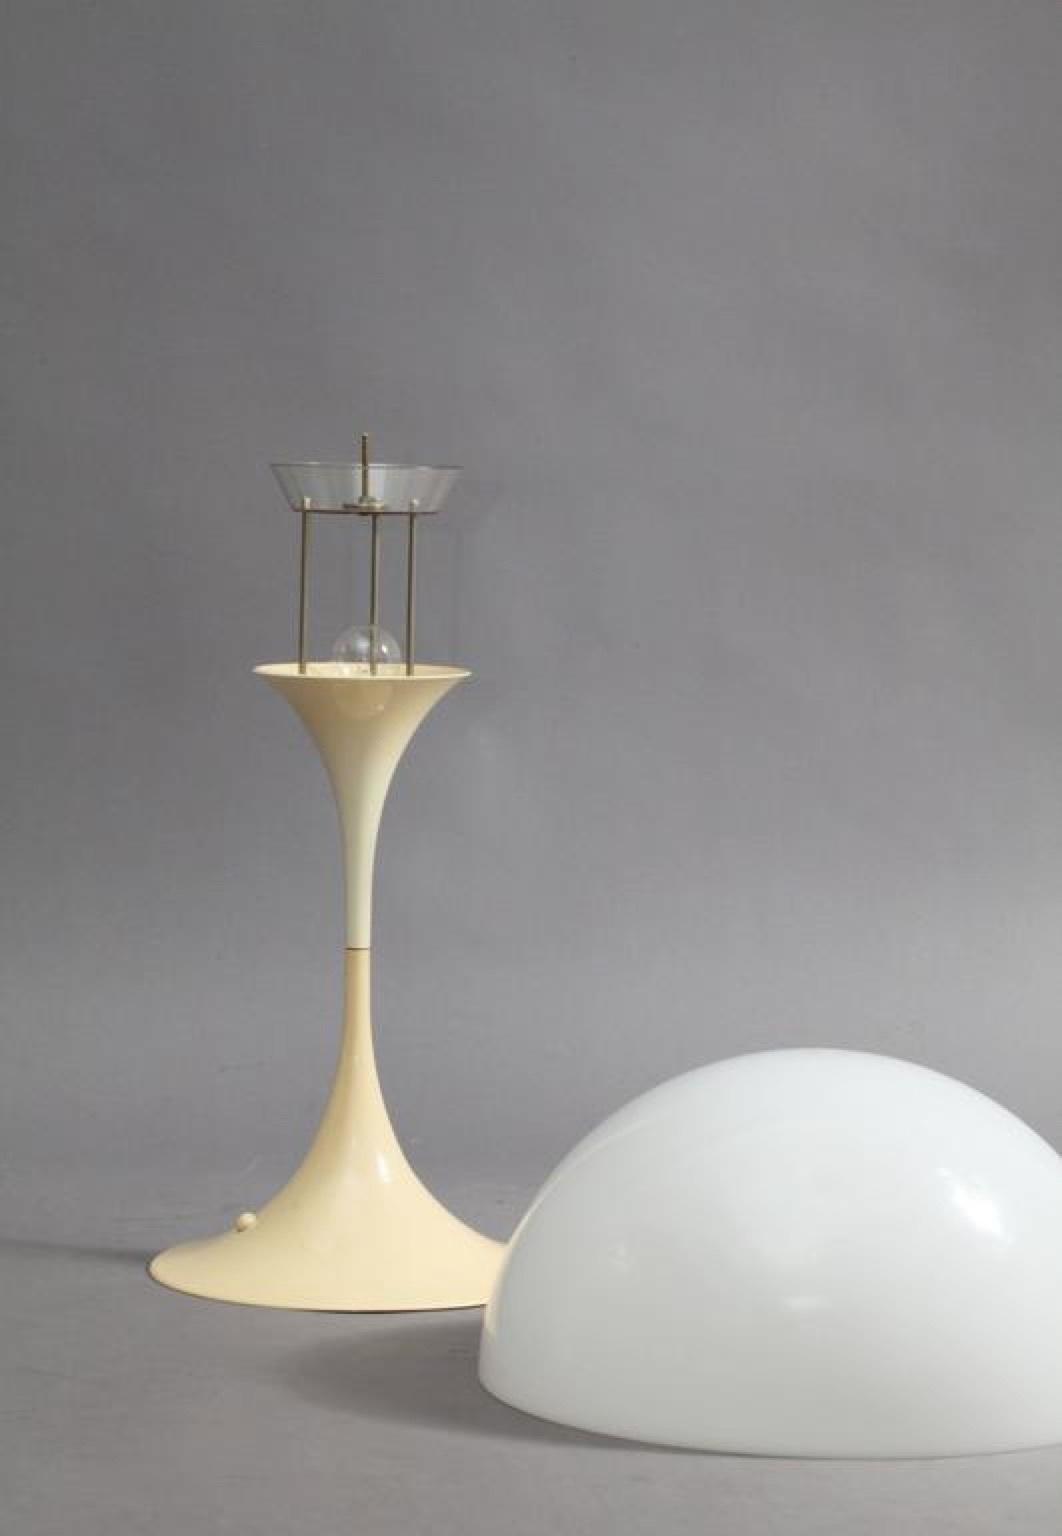 Настольный светильник копия Panthella by Verpan Panton (салатовый)